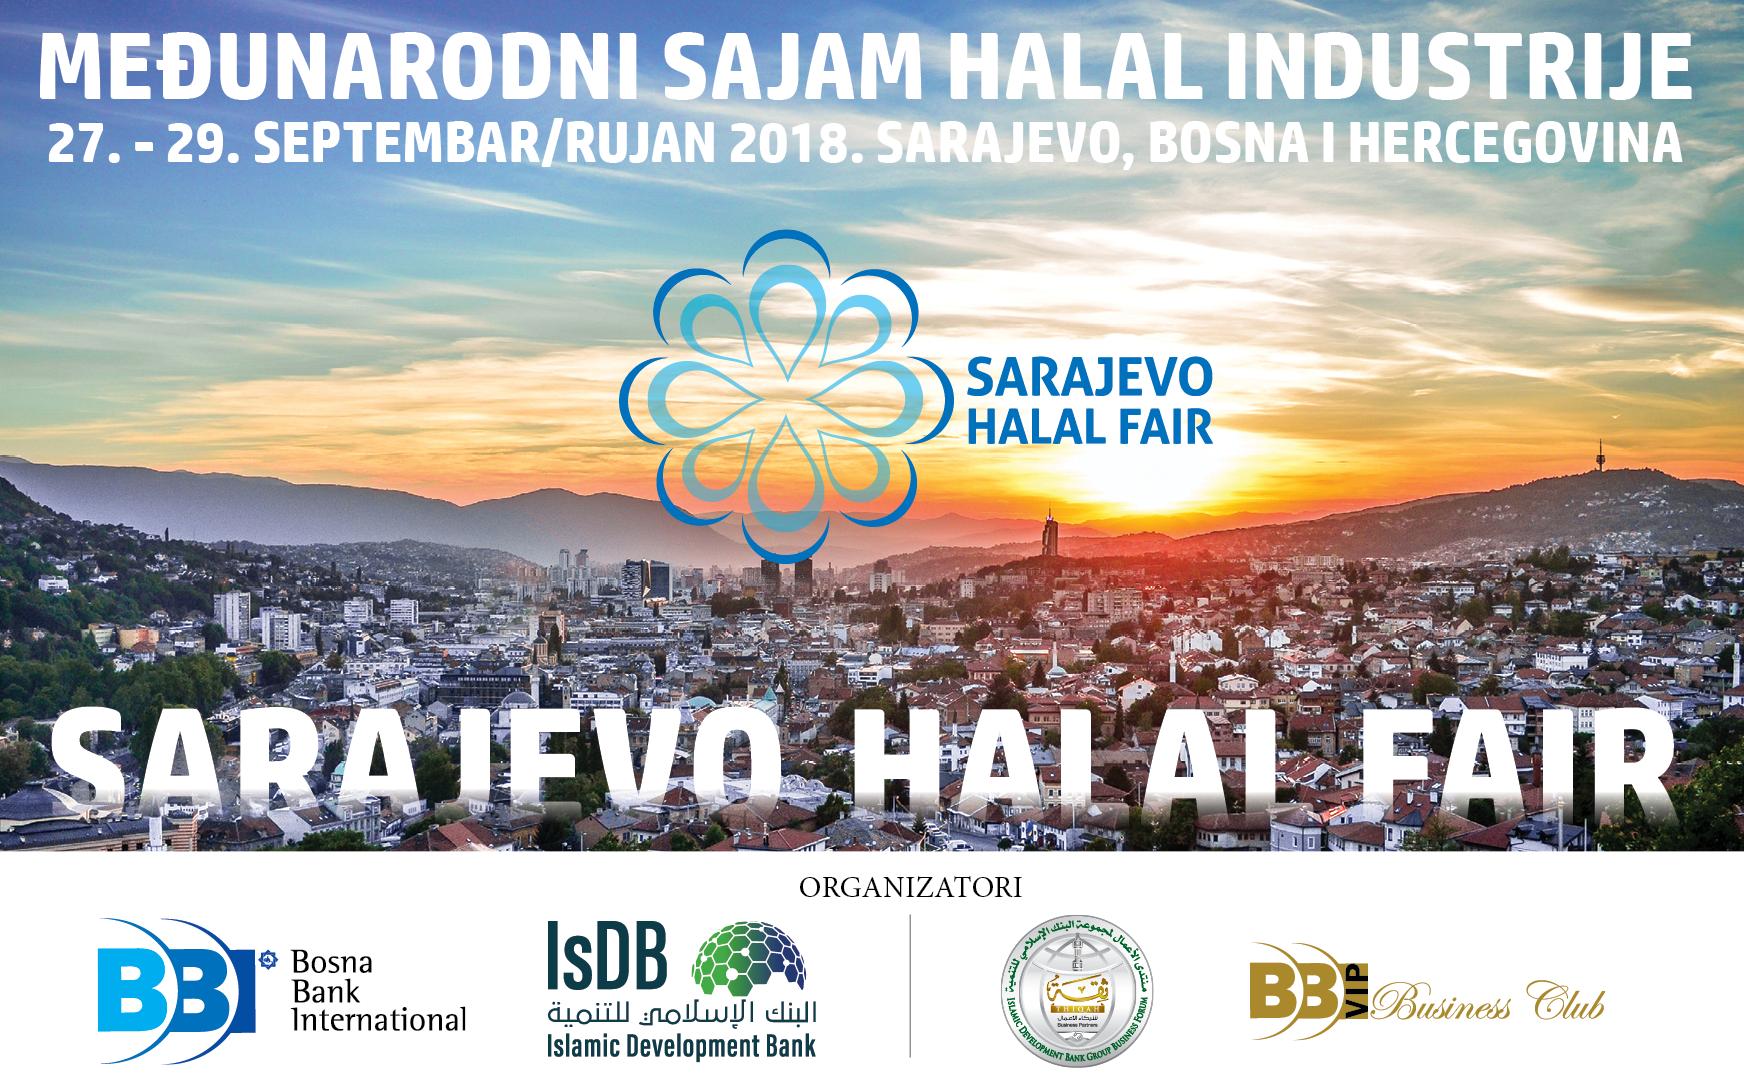 Raste interes za proizvodnju halal proizvoda i usluga